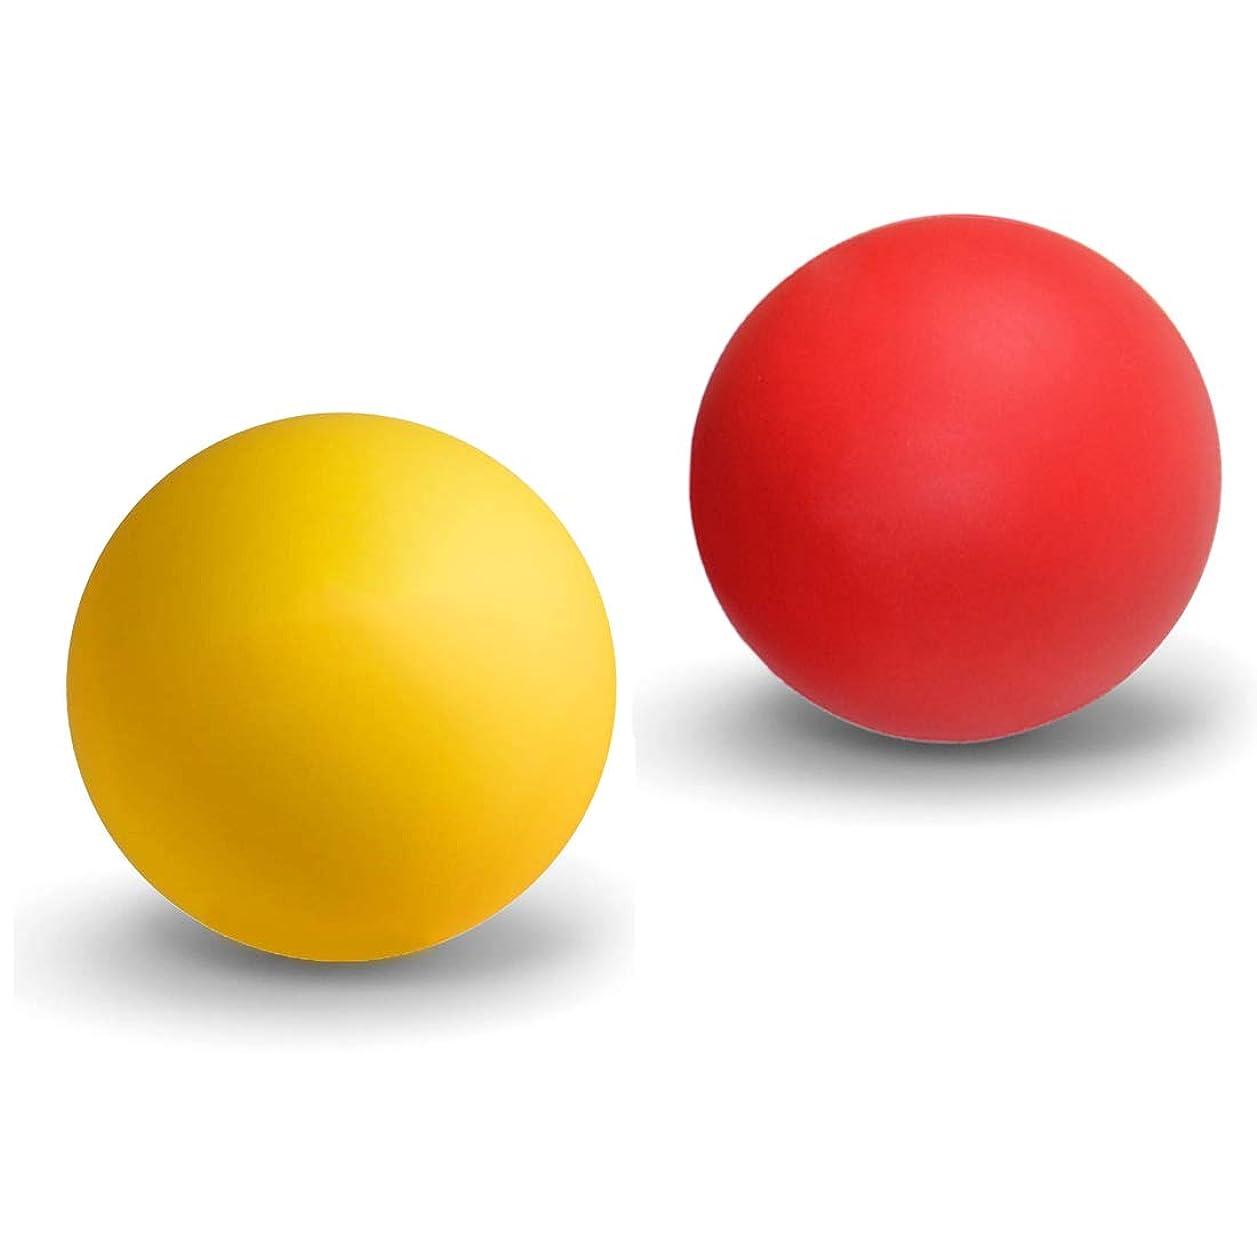 ハーフバブル精査するマッサージボール ストレッチボール トリガーポイント ラクロスボール 筋膜リリース トレーニング 指圧ボールマッスルマッサージボール 背中 肩こり 腰 ふくらはぎ 足裏 ツボ押しグッズ 2で1組み合わせ 2個 セット